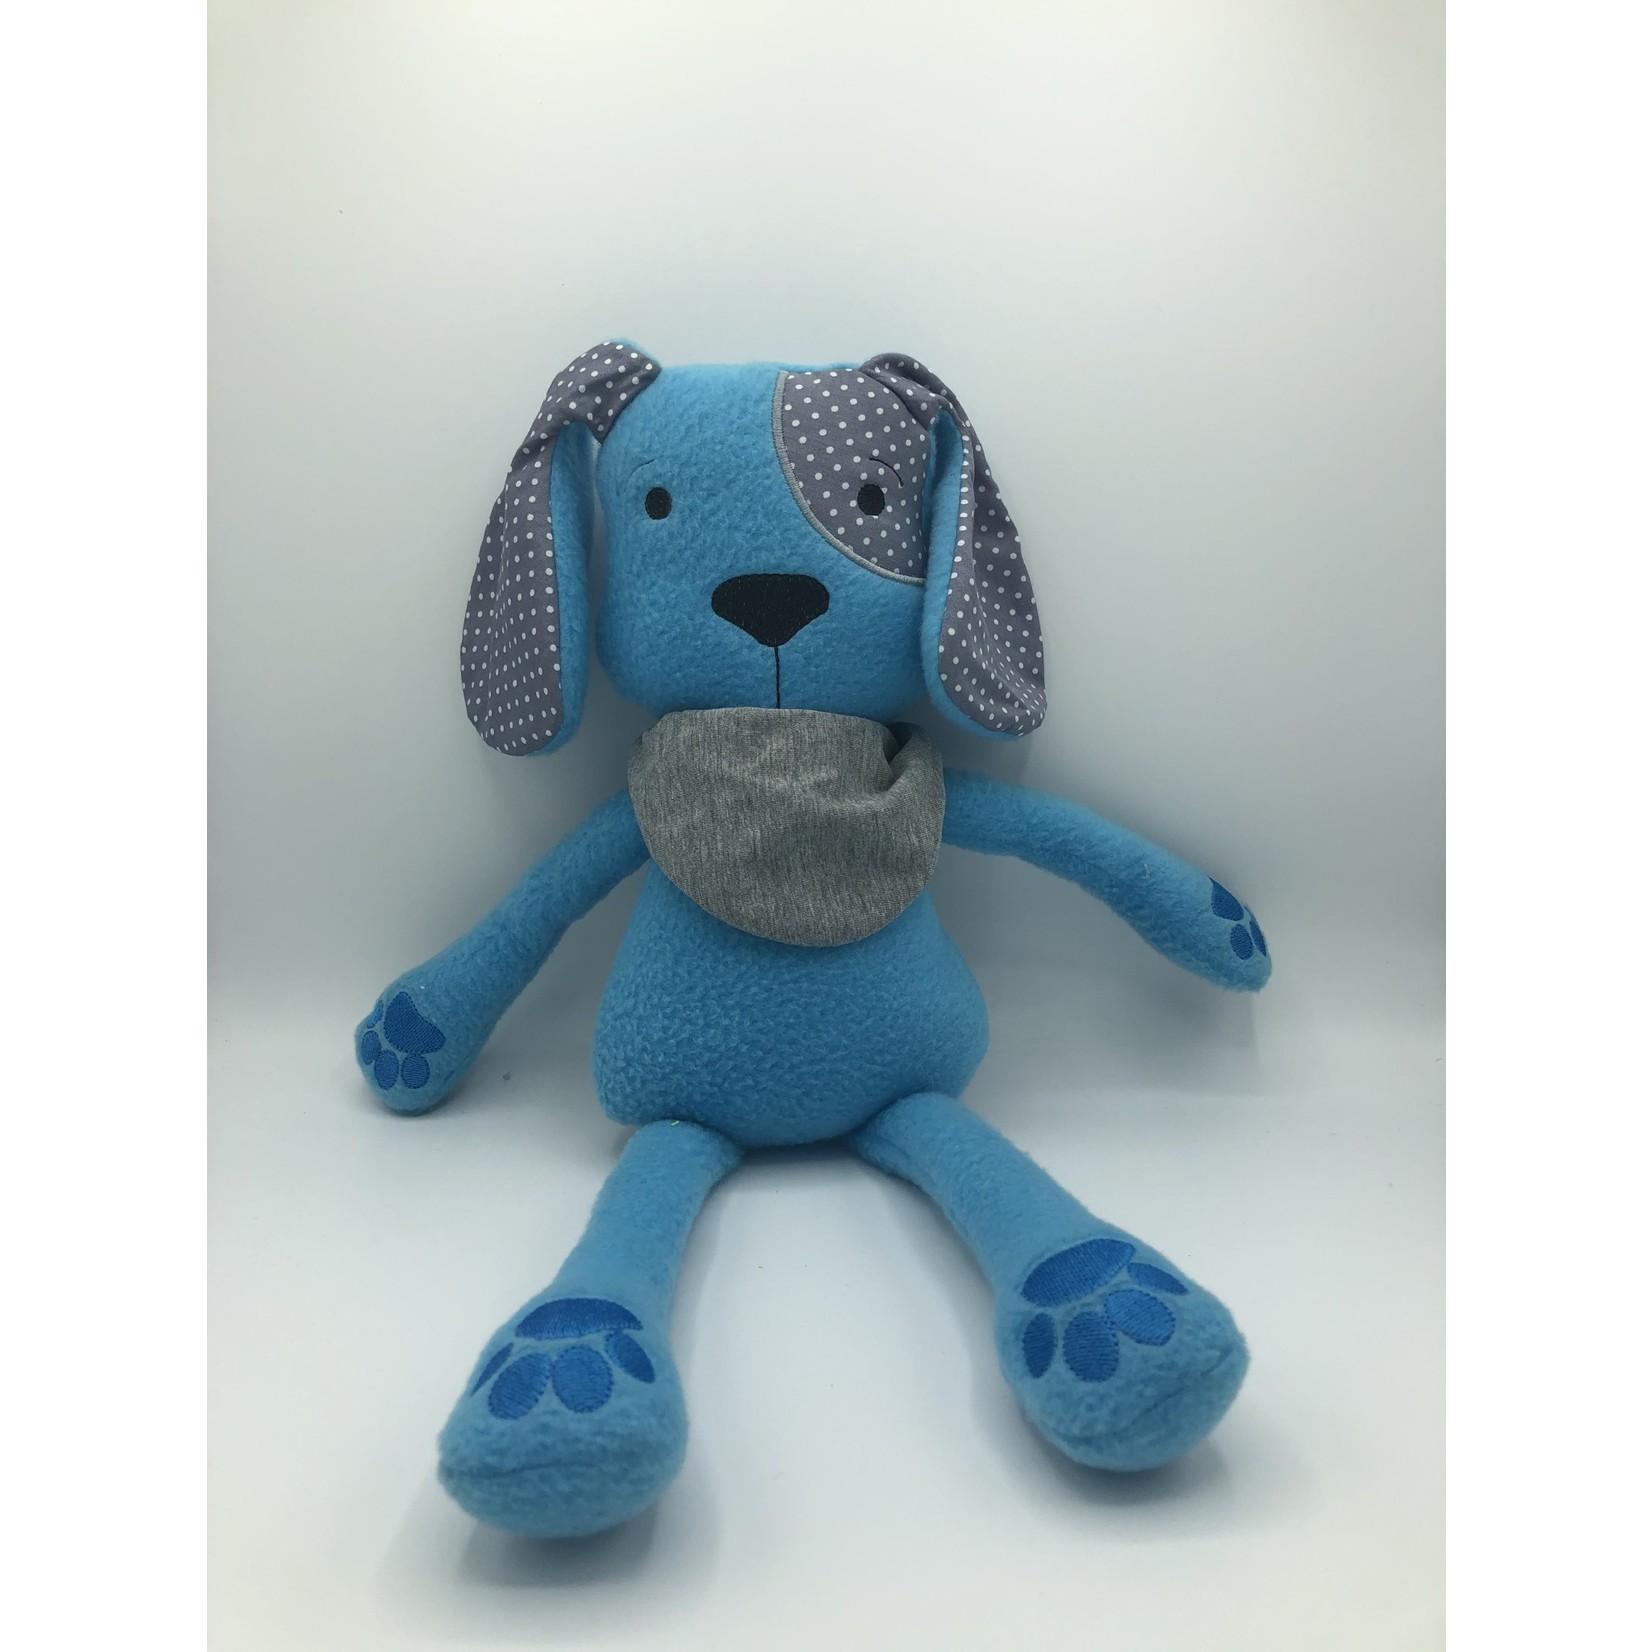 Knuffel hond blauw handgemaakt